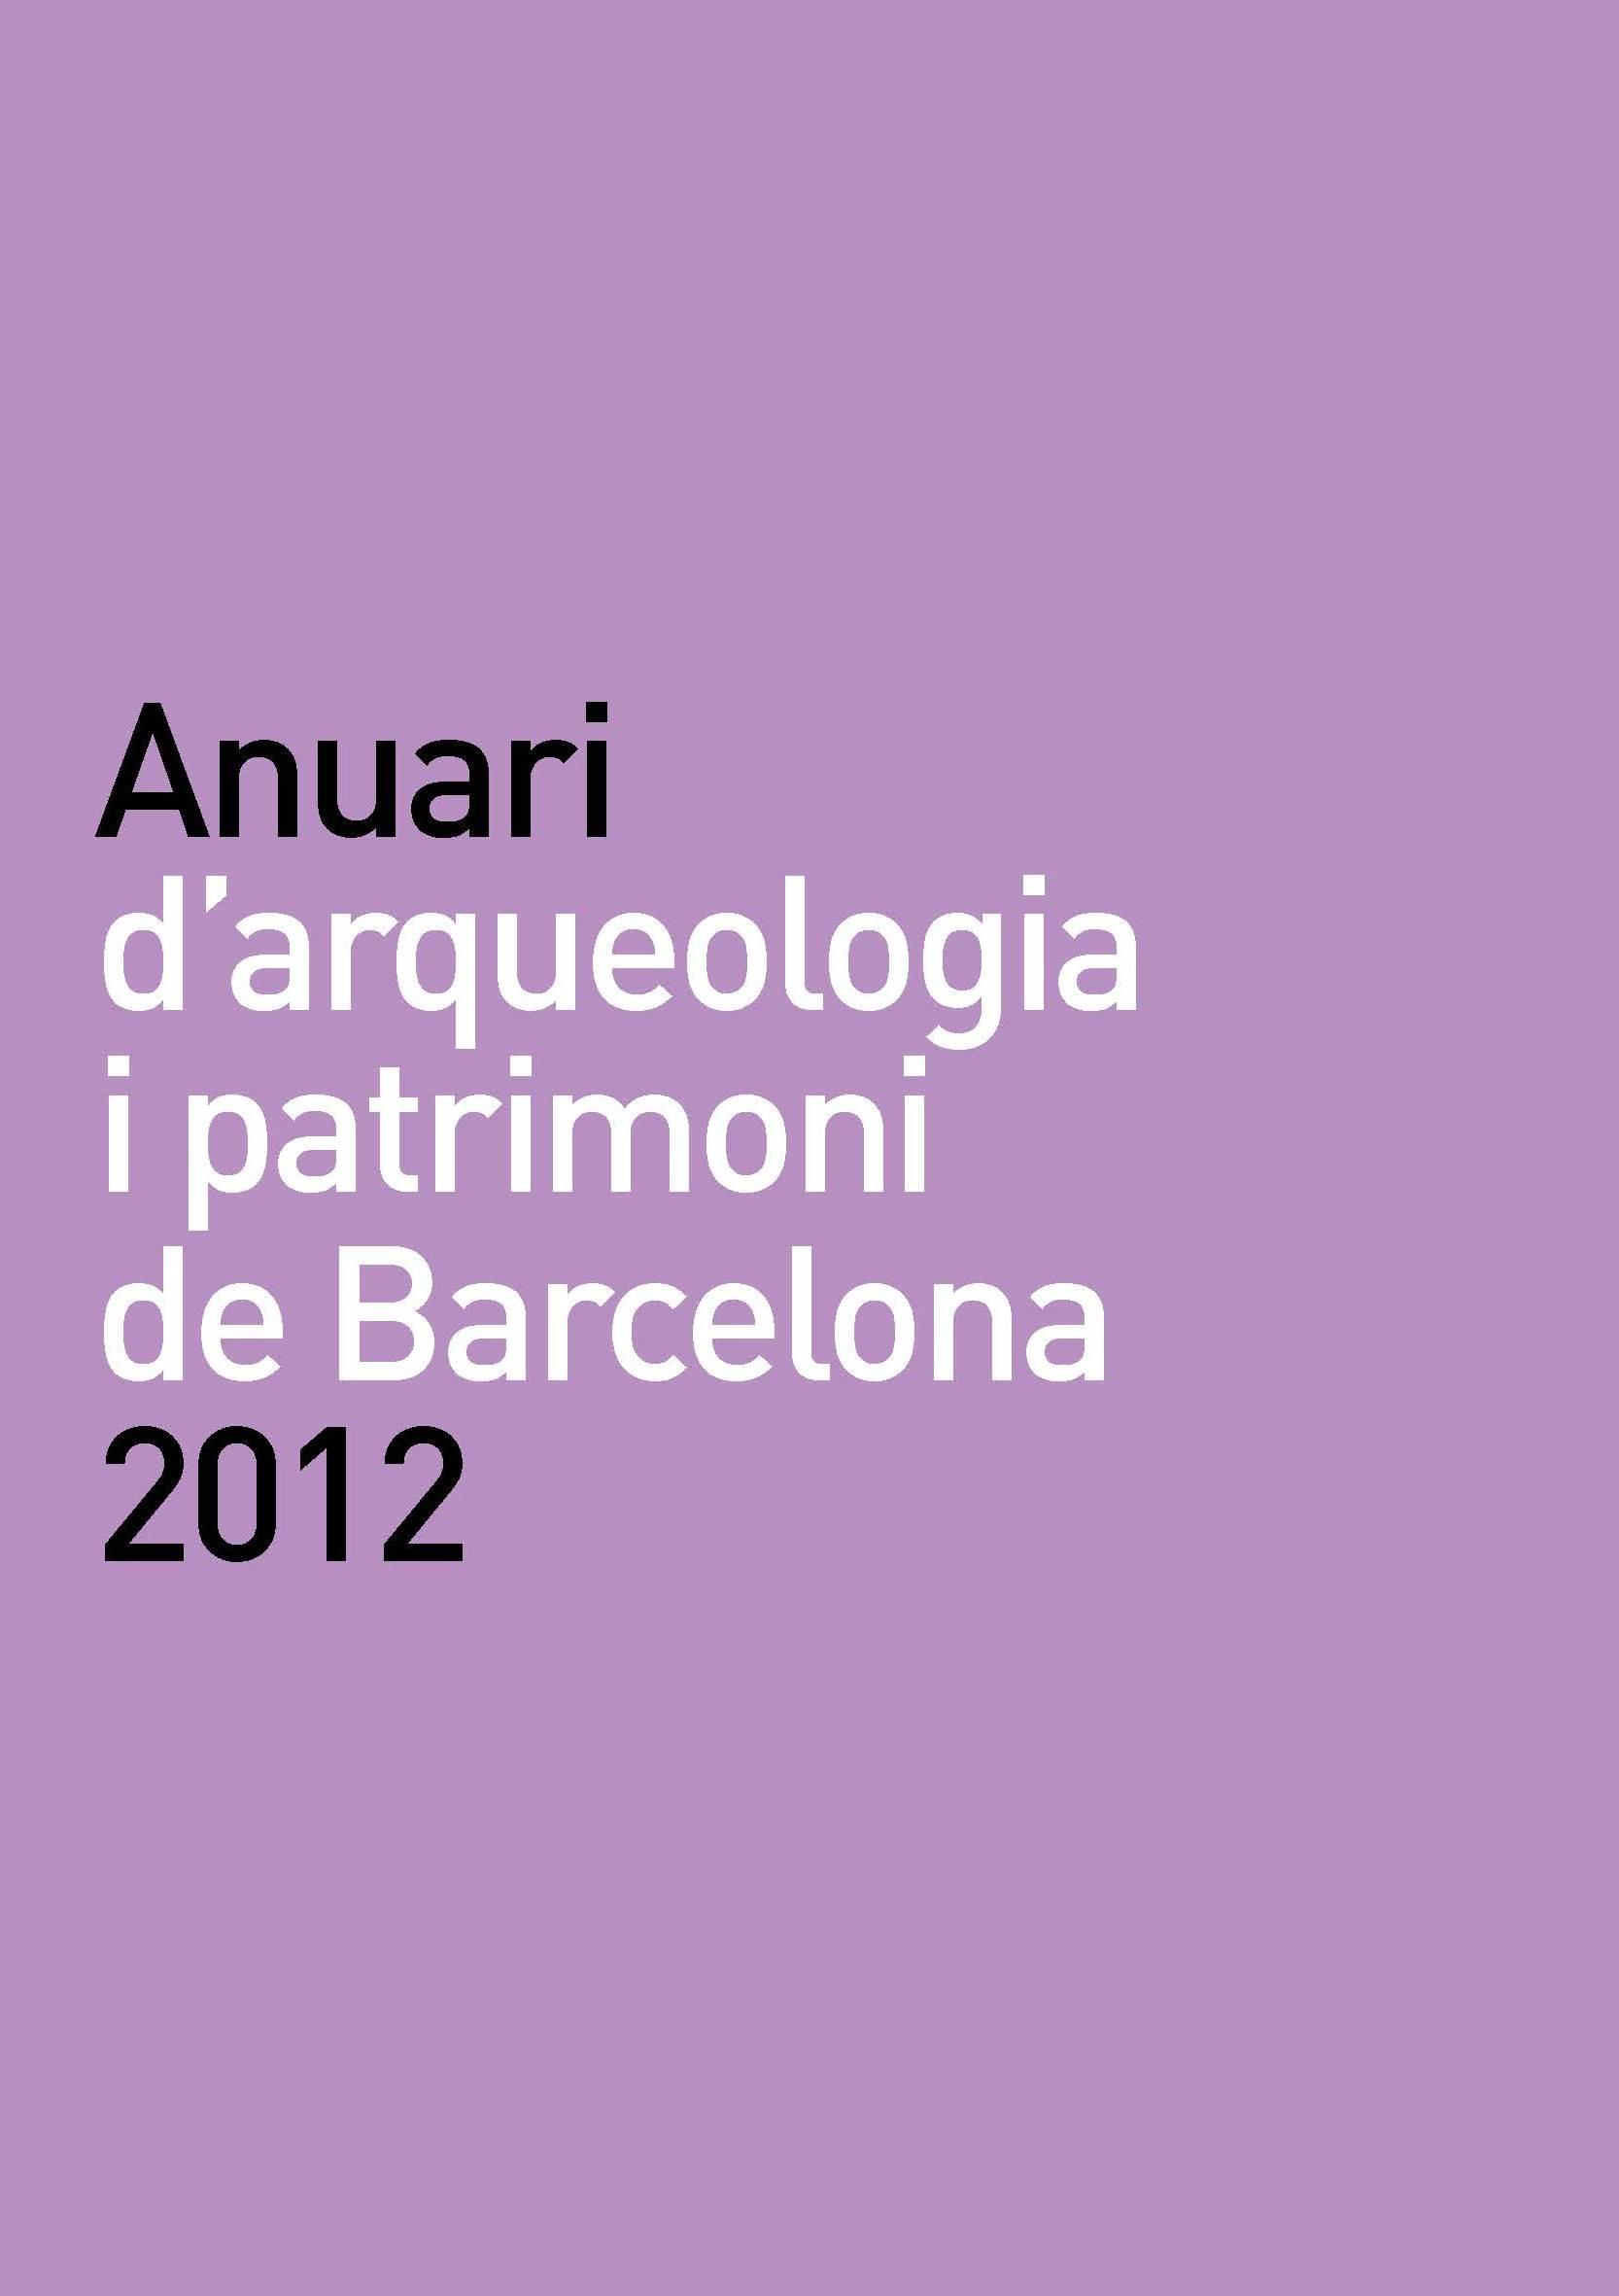 Anuari d'Arqueologia i Patrimoni de Barcelona 2012